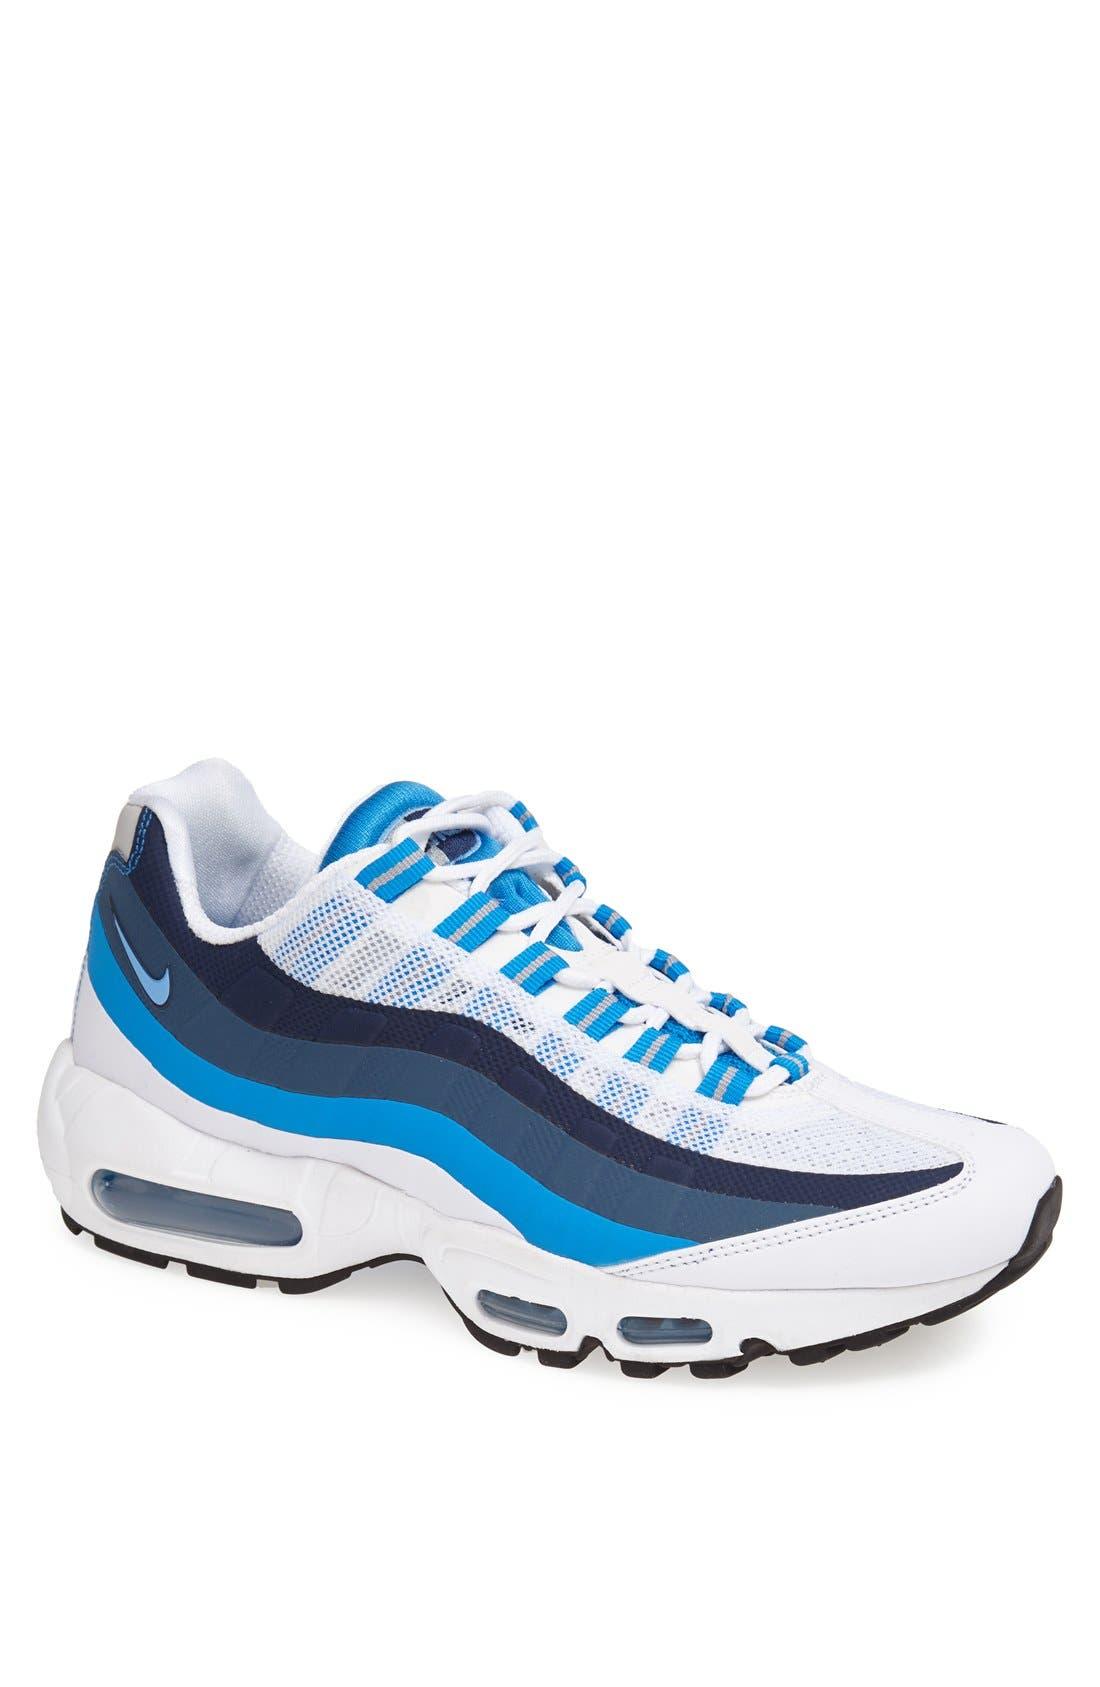 Alternate Image 1 Selected - Nike 'Air Max 95 No Sew' Sneaker (Men)